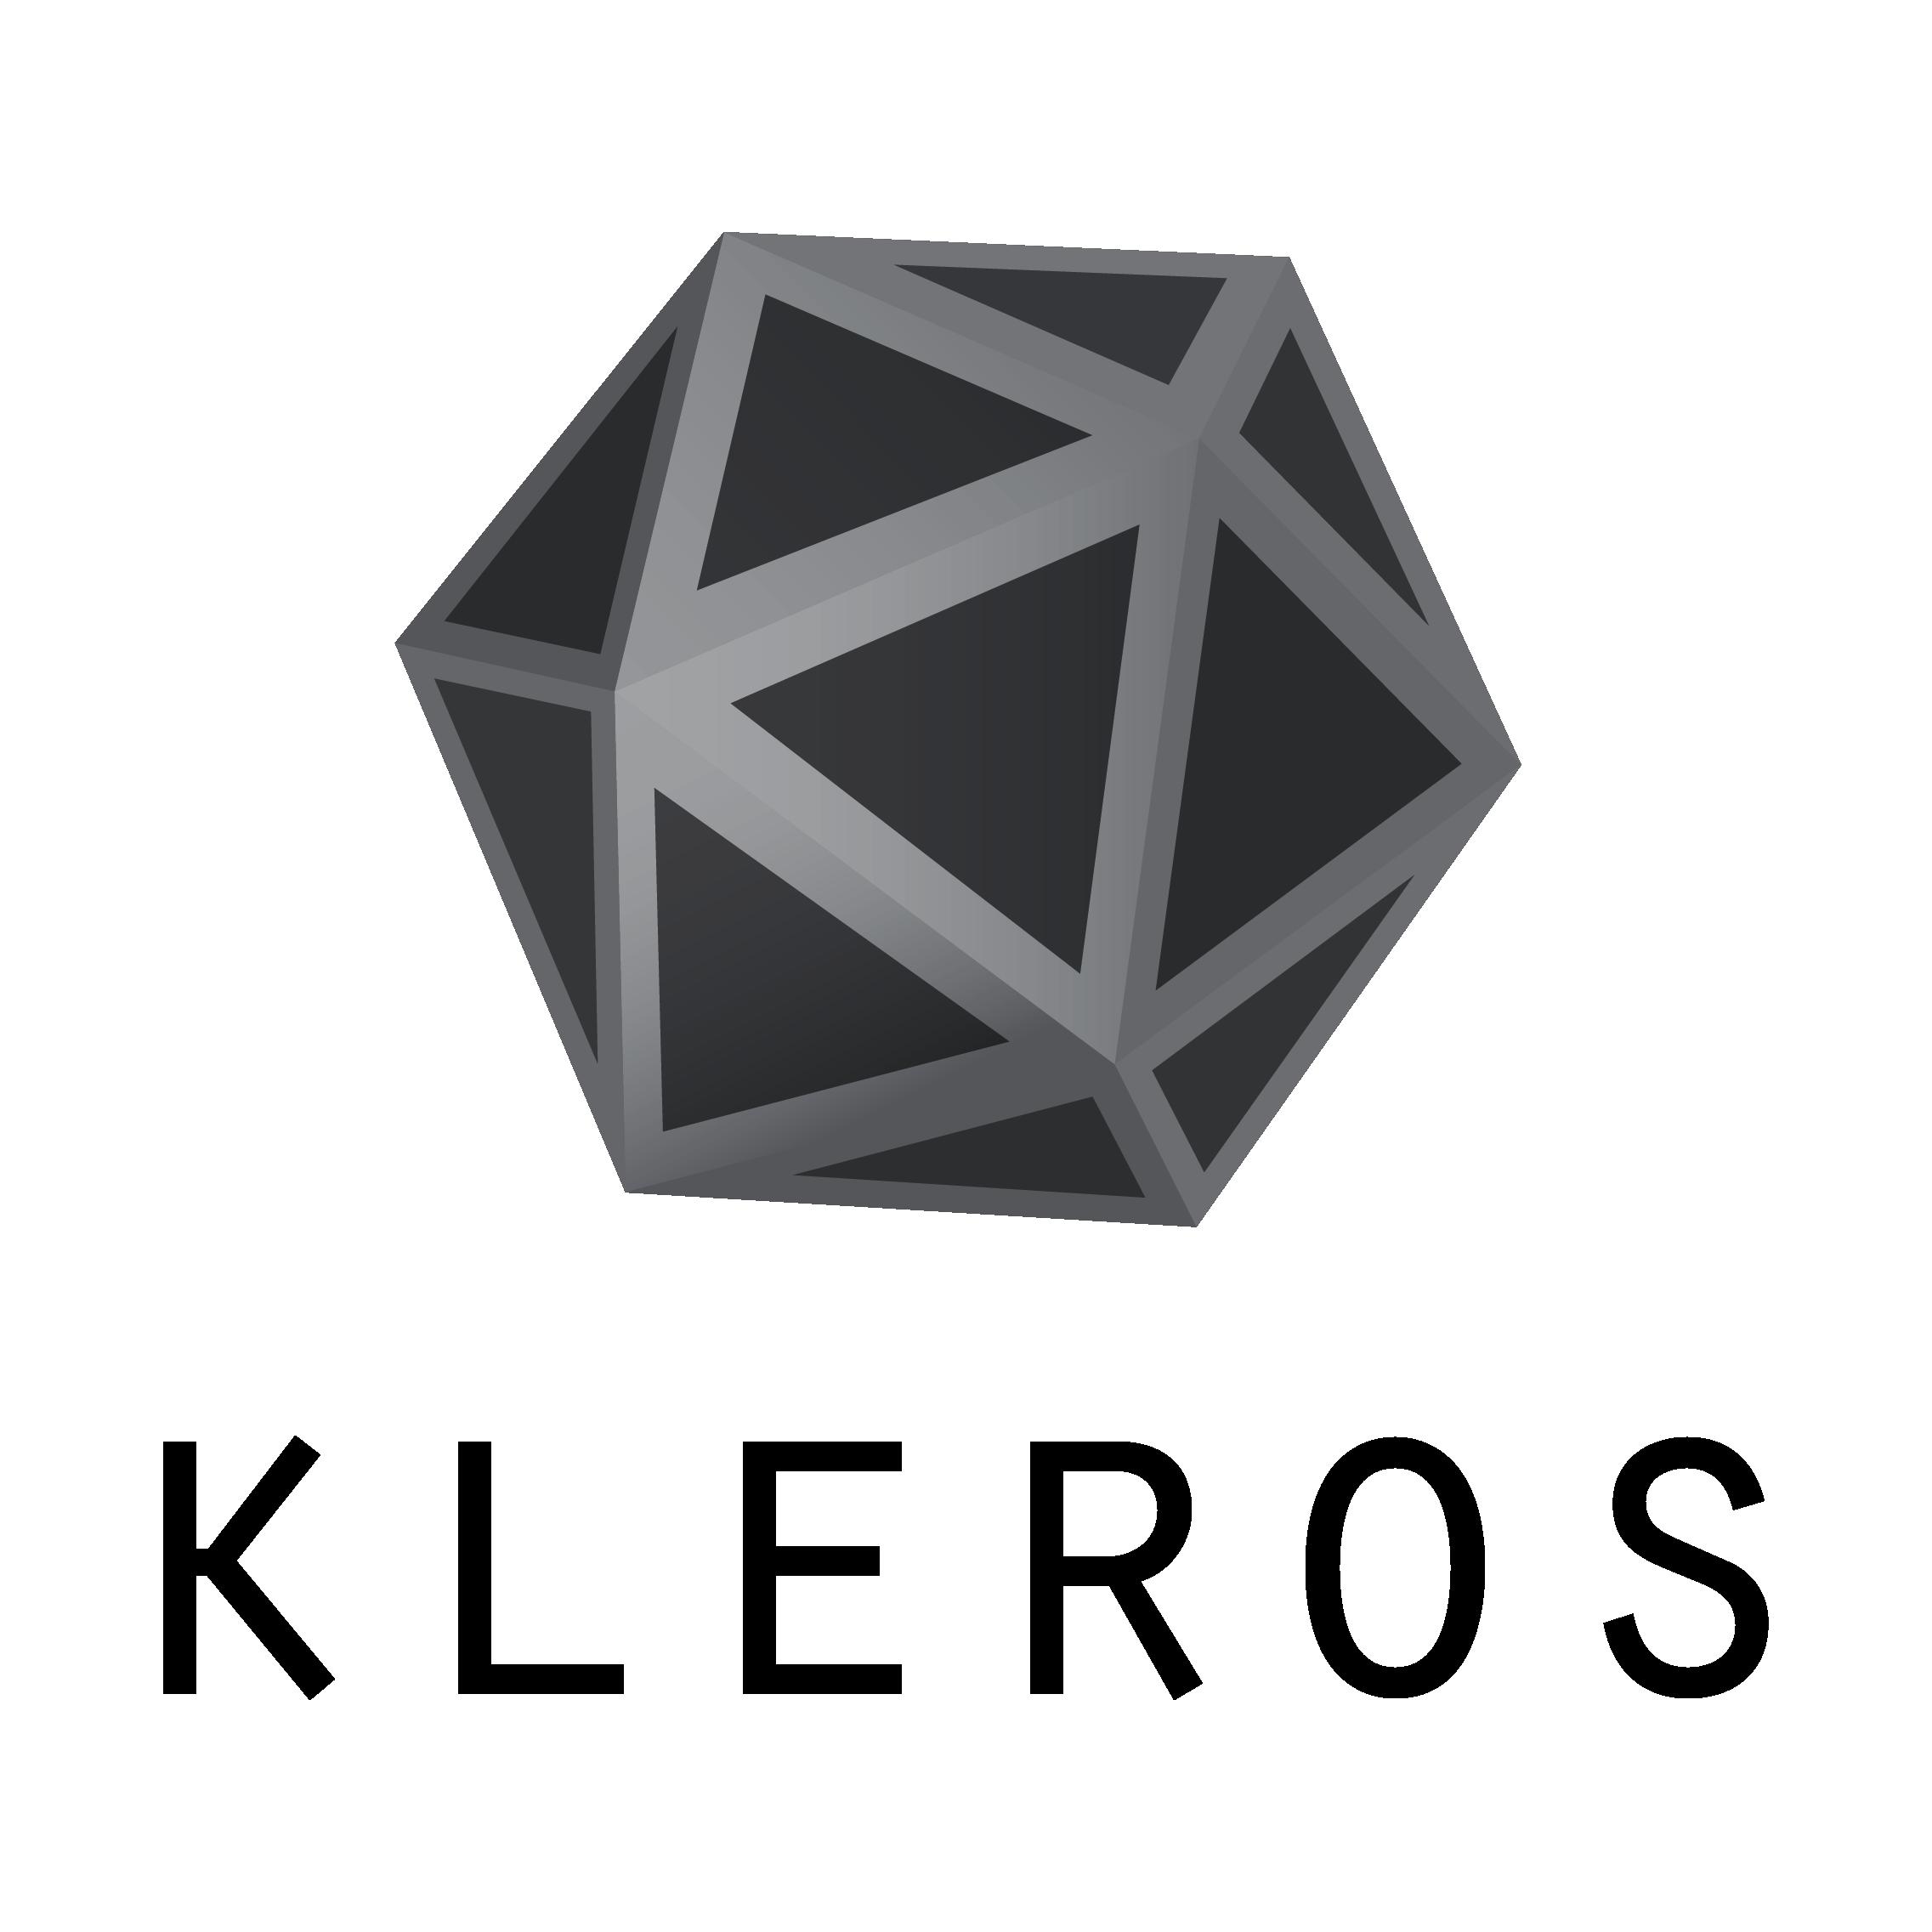 kleros-logo-vertical.png